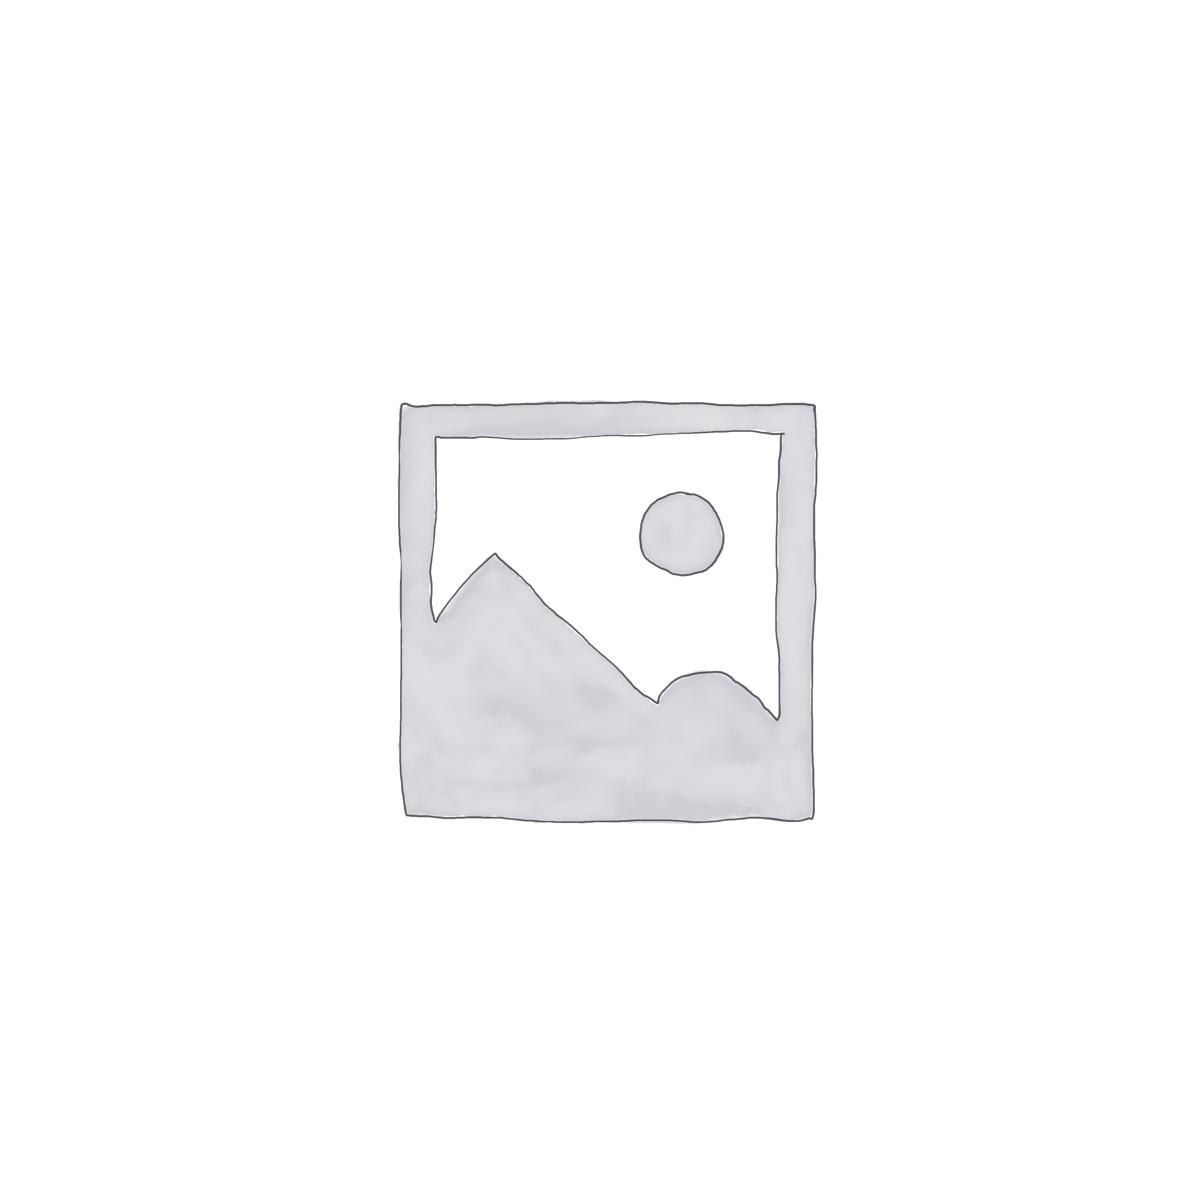 Geometric Art Deco Wallpaper Mural